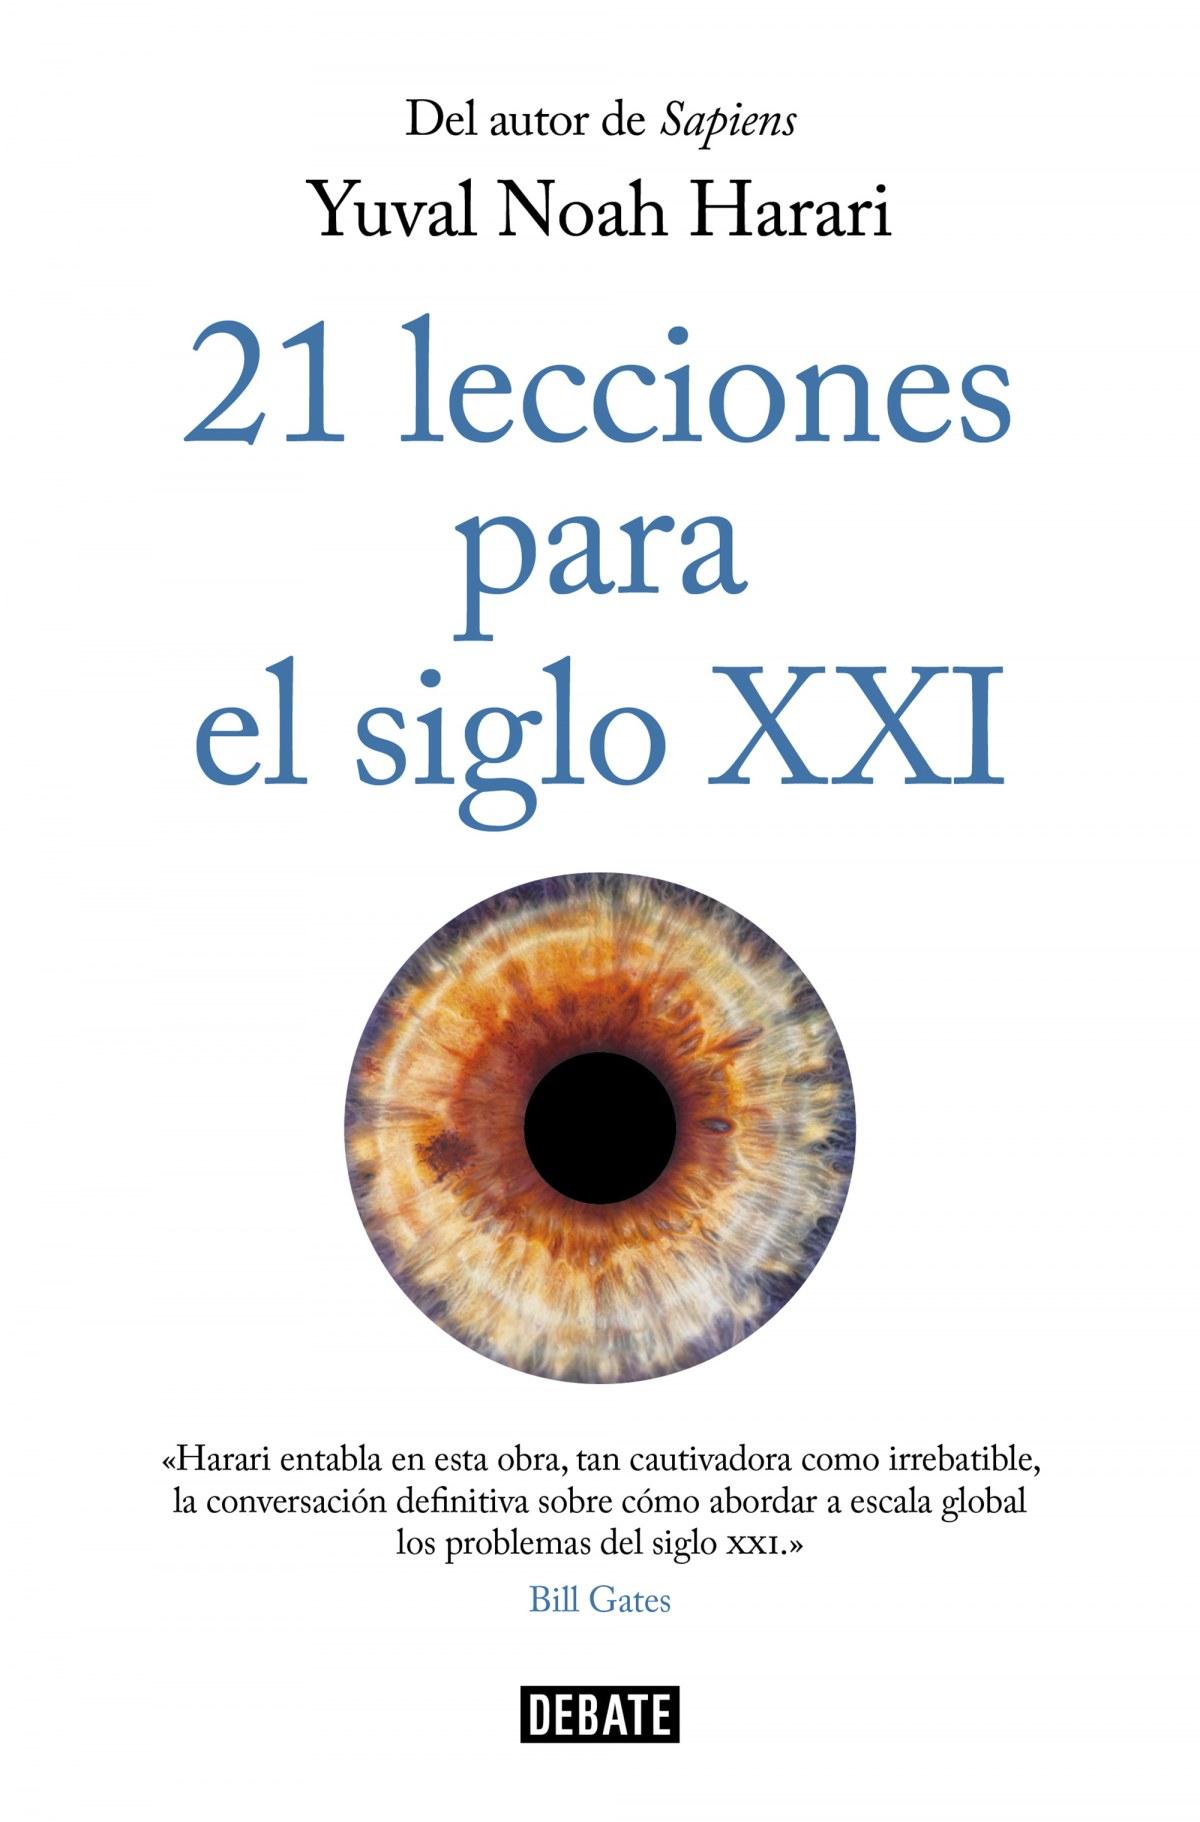 21 LECCIONES PARA EL SIGLO XXI 9788417636593